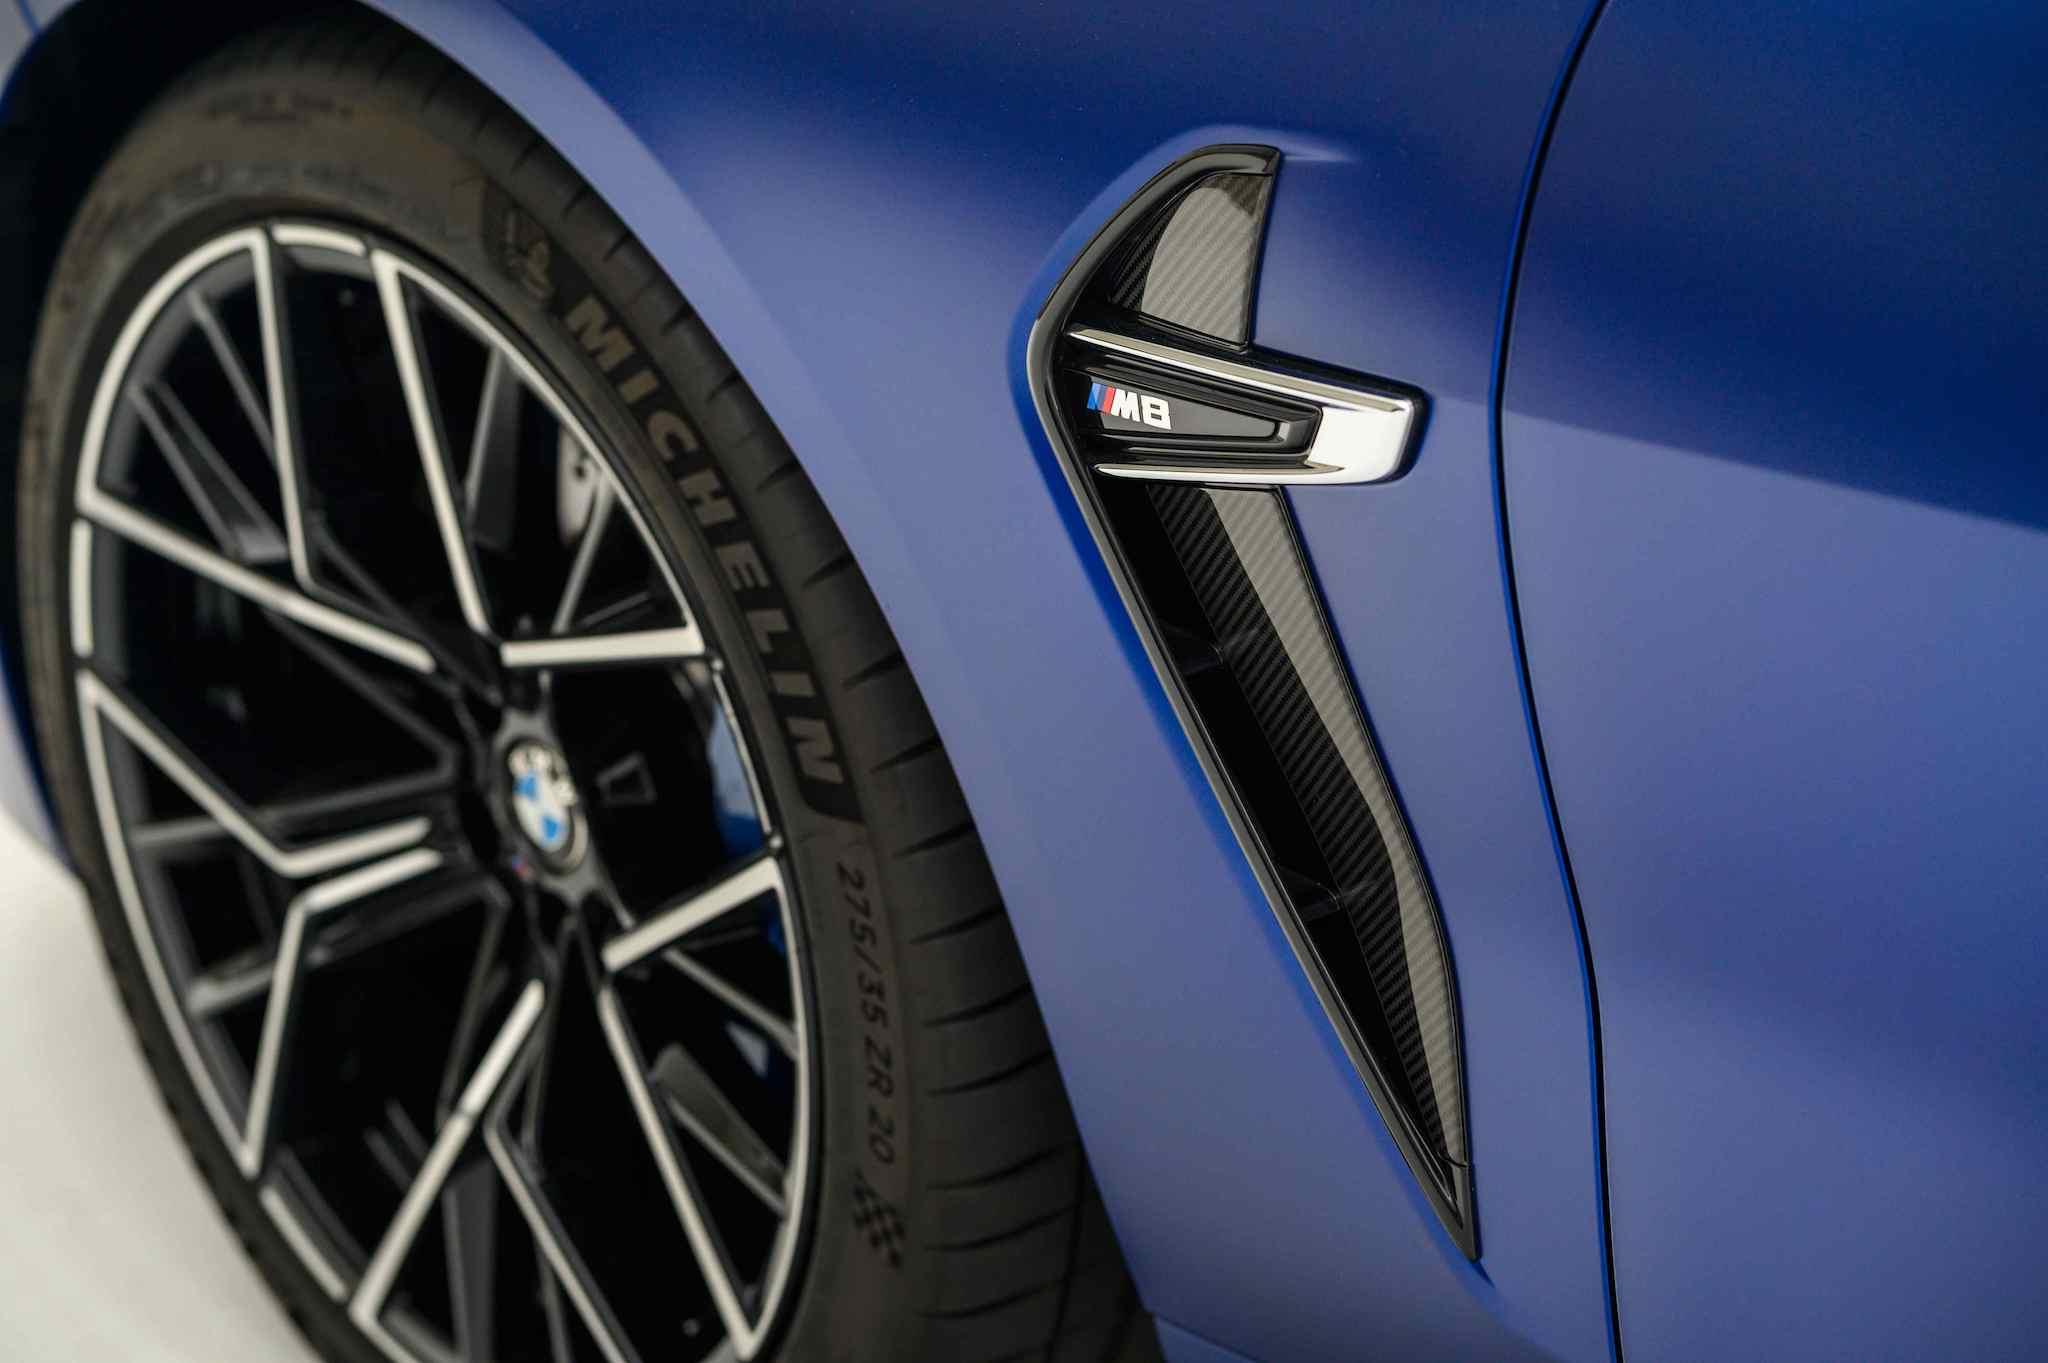 迴力鏢造型的車側導流氣孔以碳纖維材質打造外框線條。